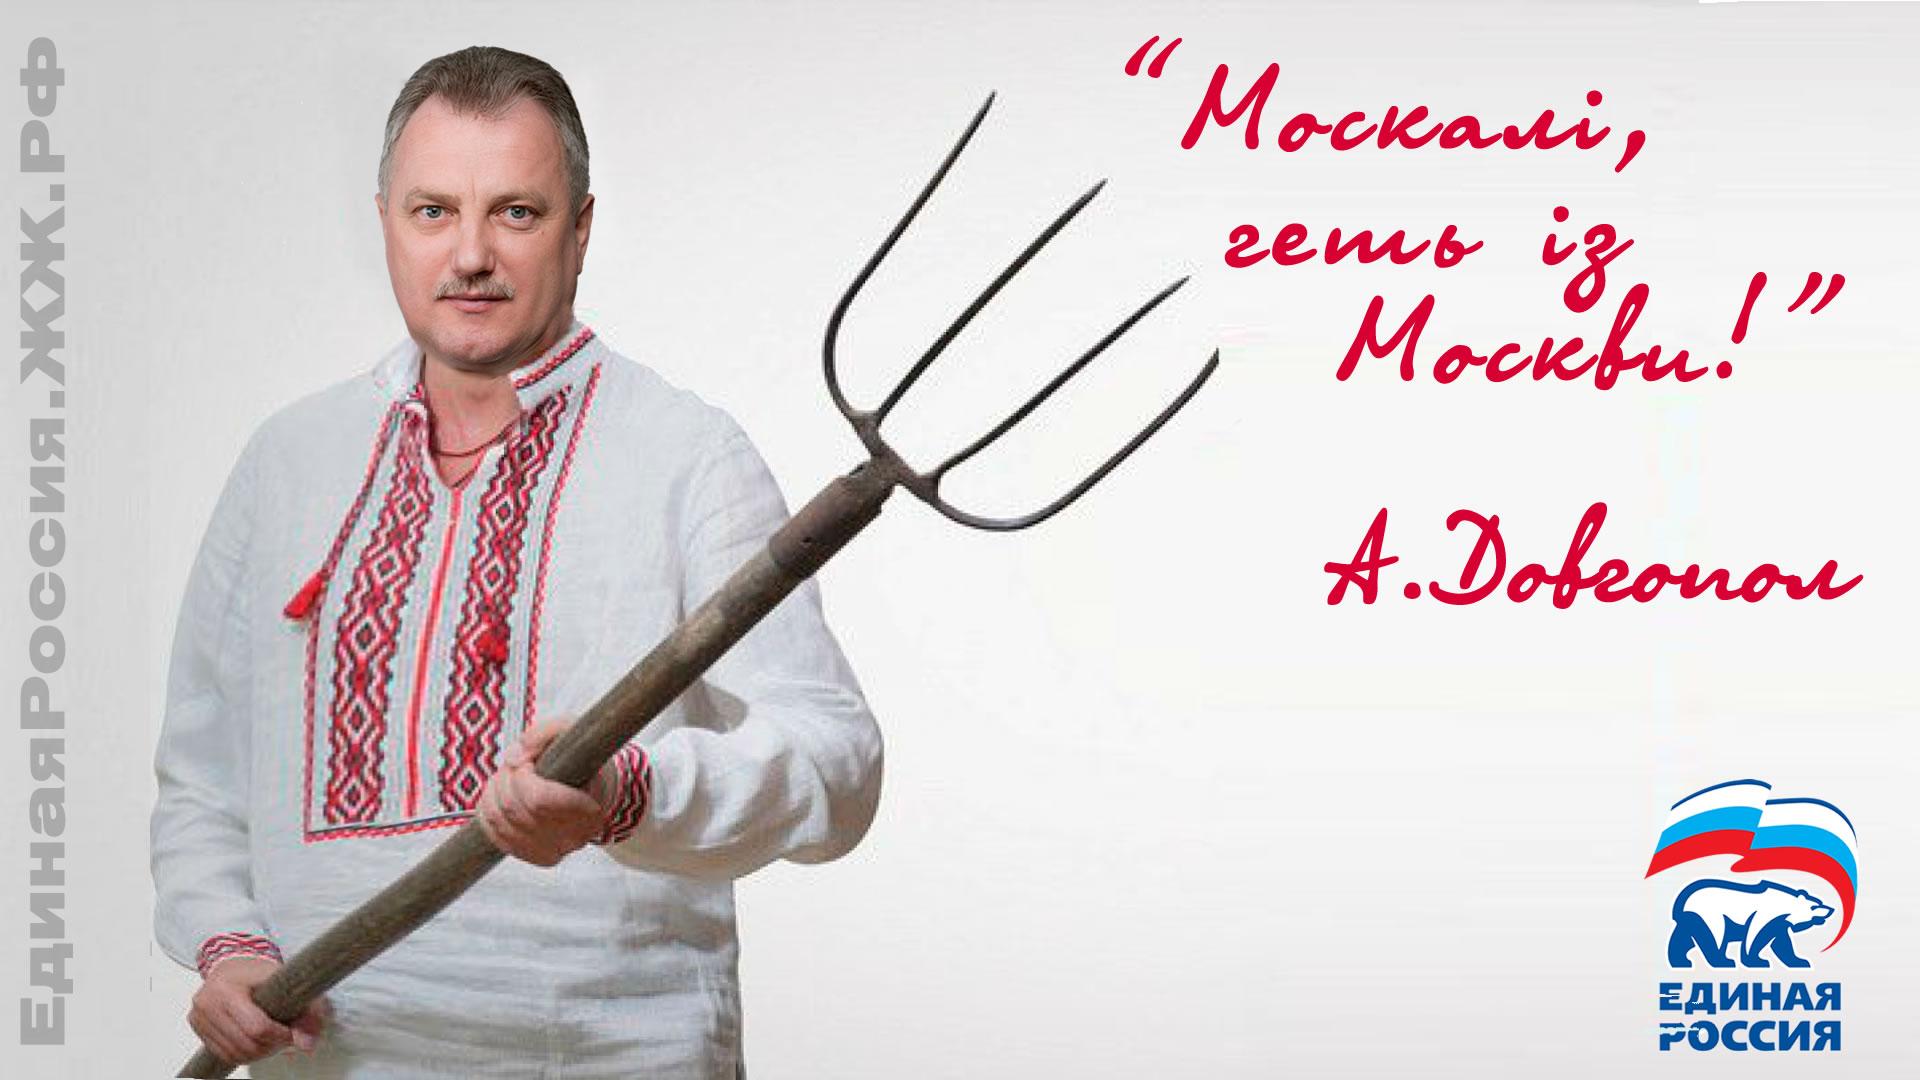 Довгопол в Москве